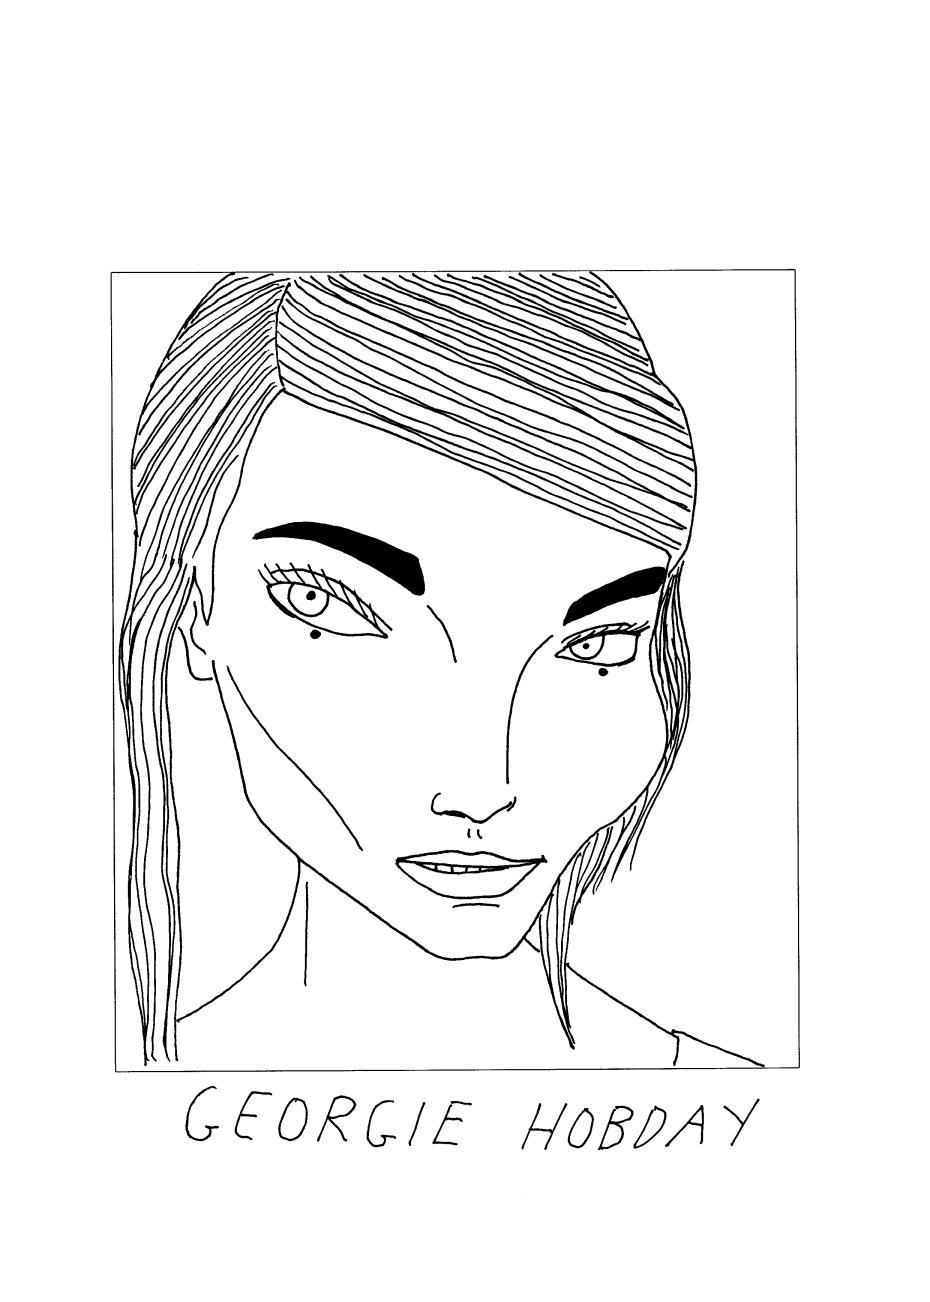 georgie hobday copy